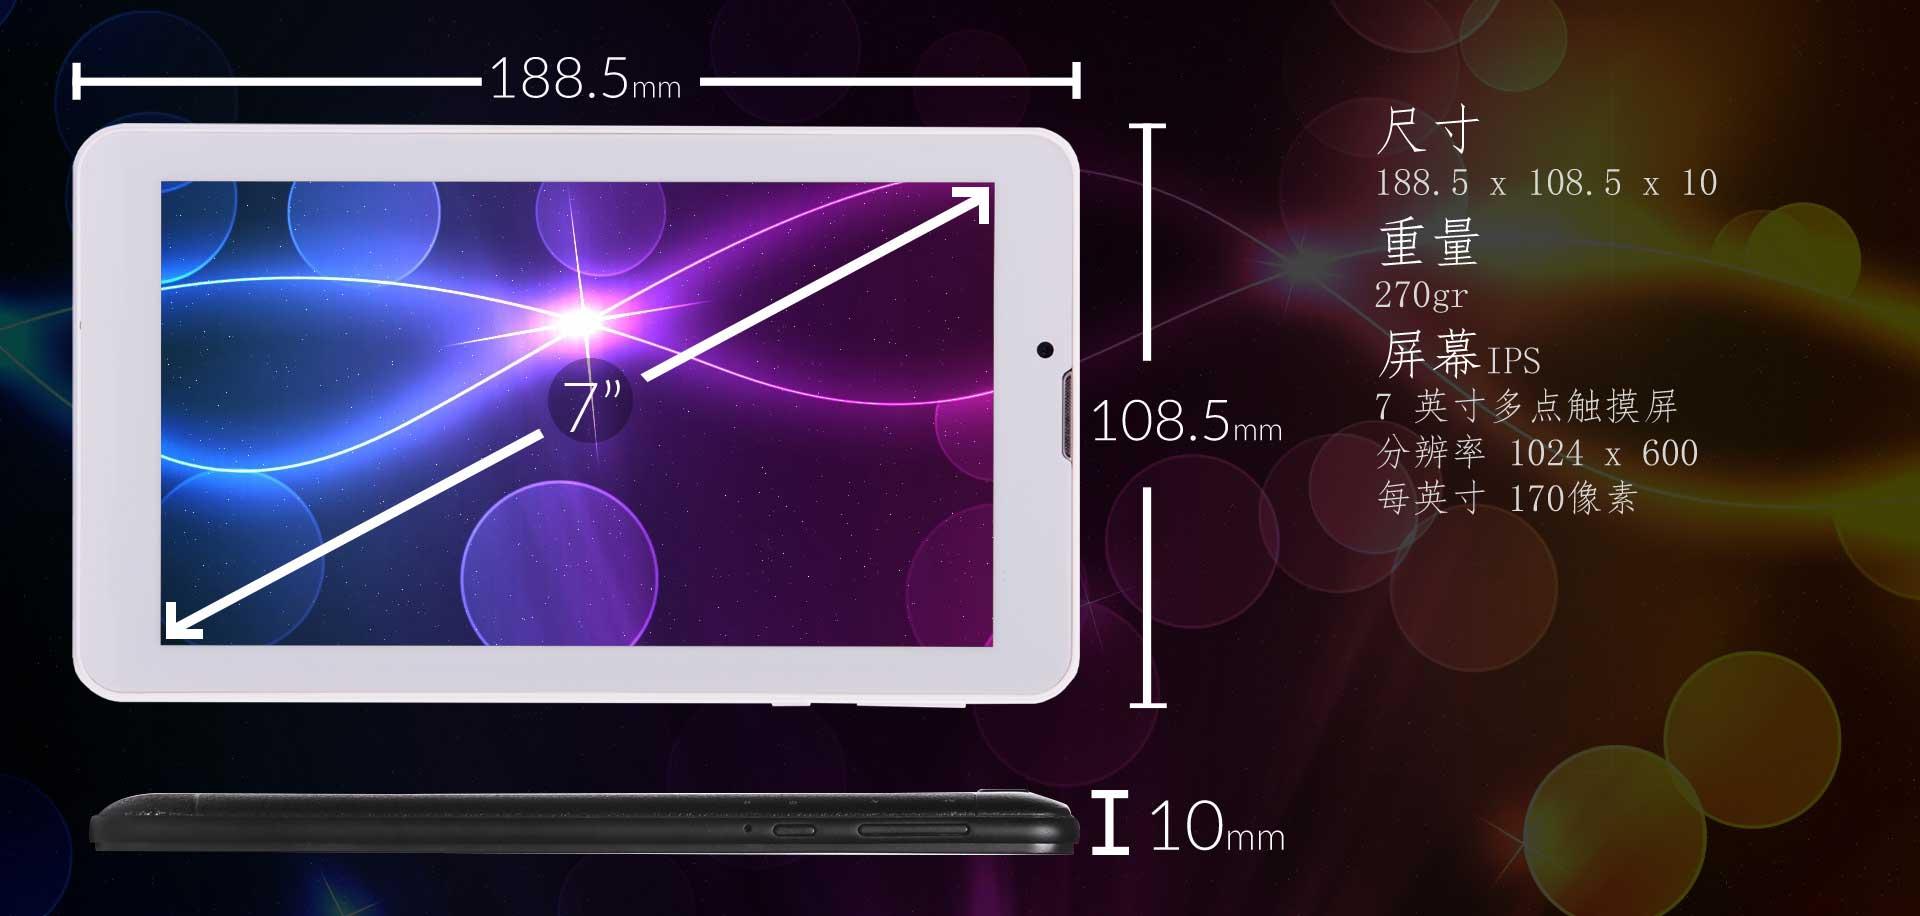 design-706-b